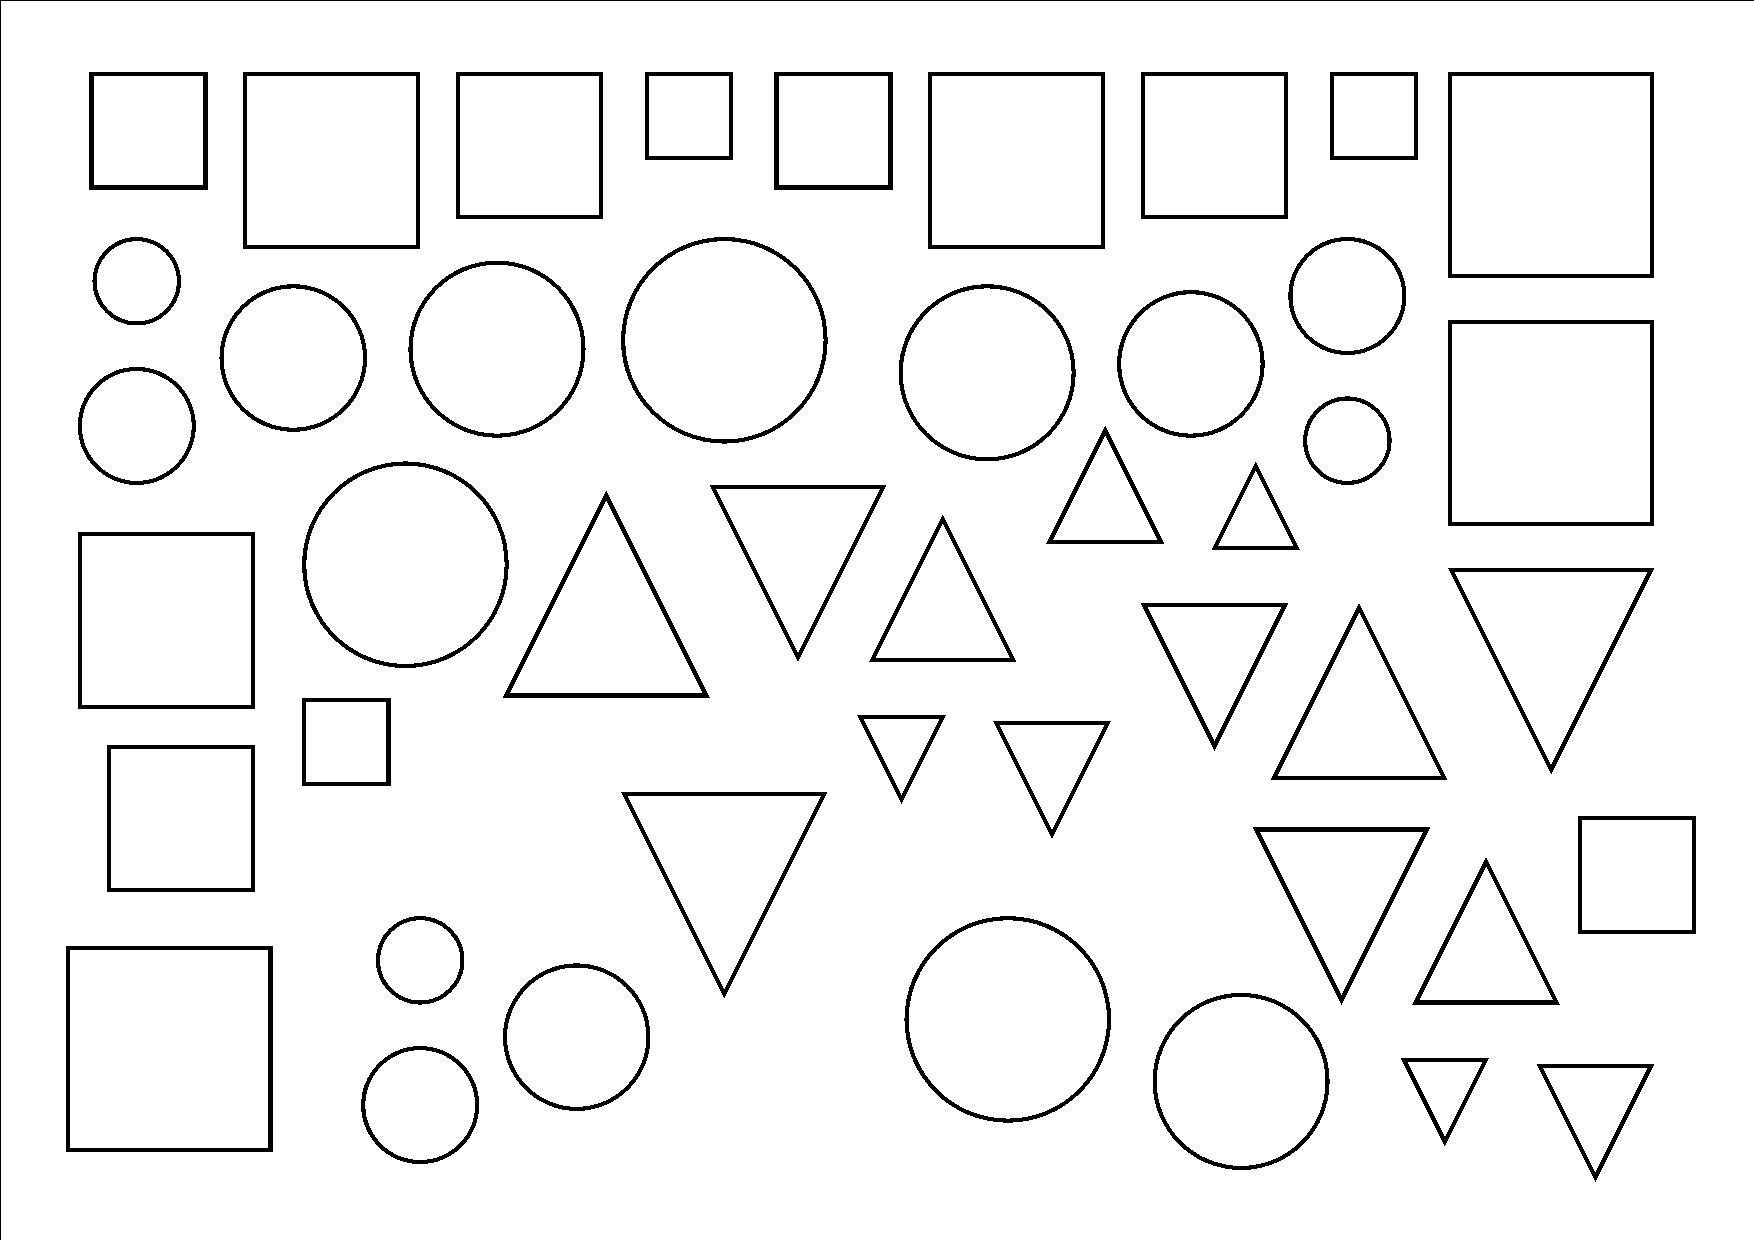 Coloriages imprimer carr num ro 676705 - Coloriage des formes geometriques ...